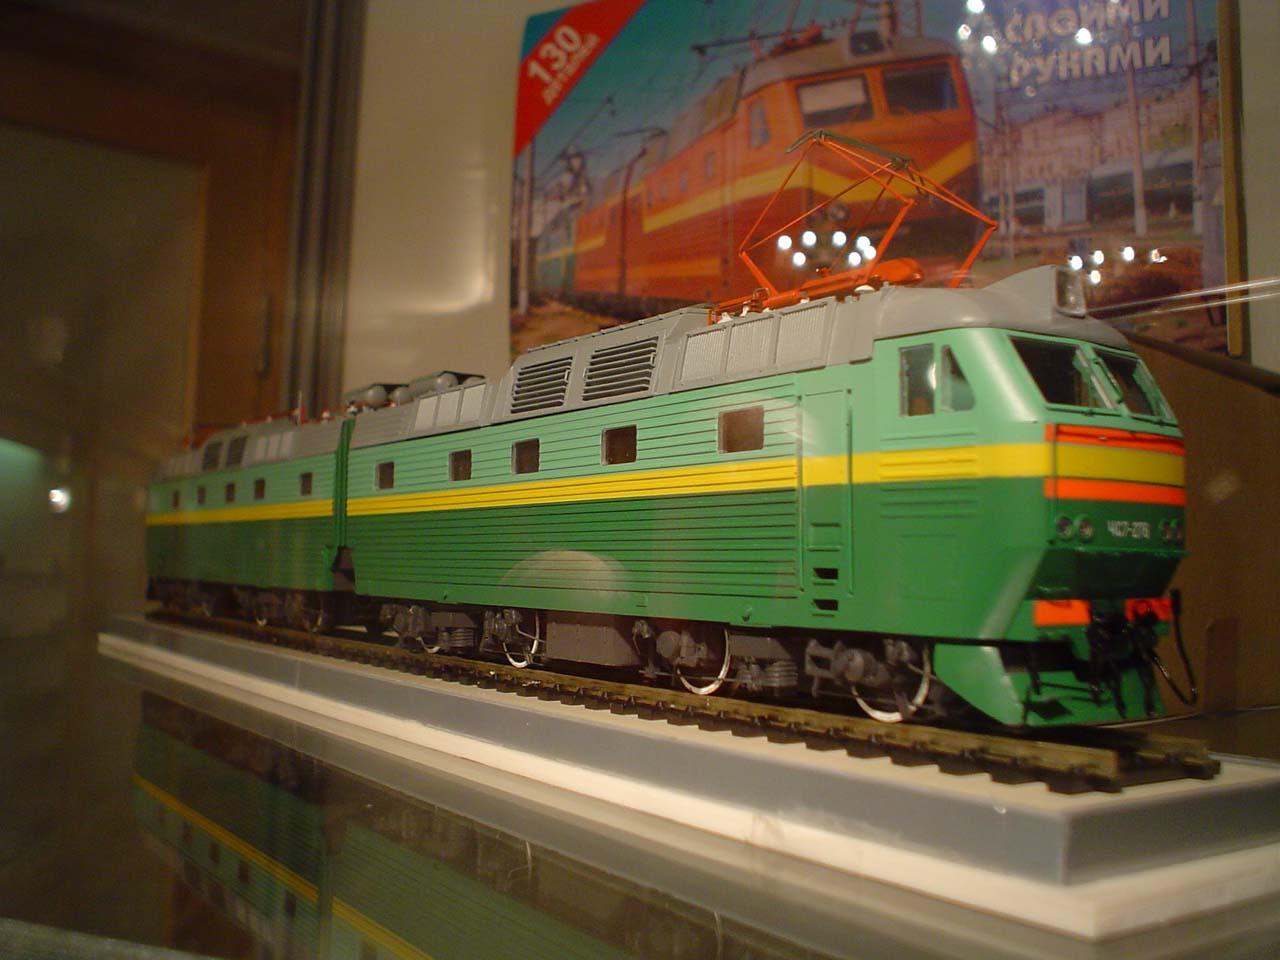 Поезд хабаровск-москва схема